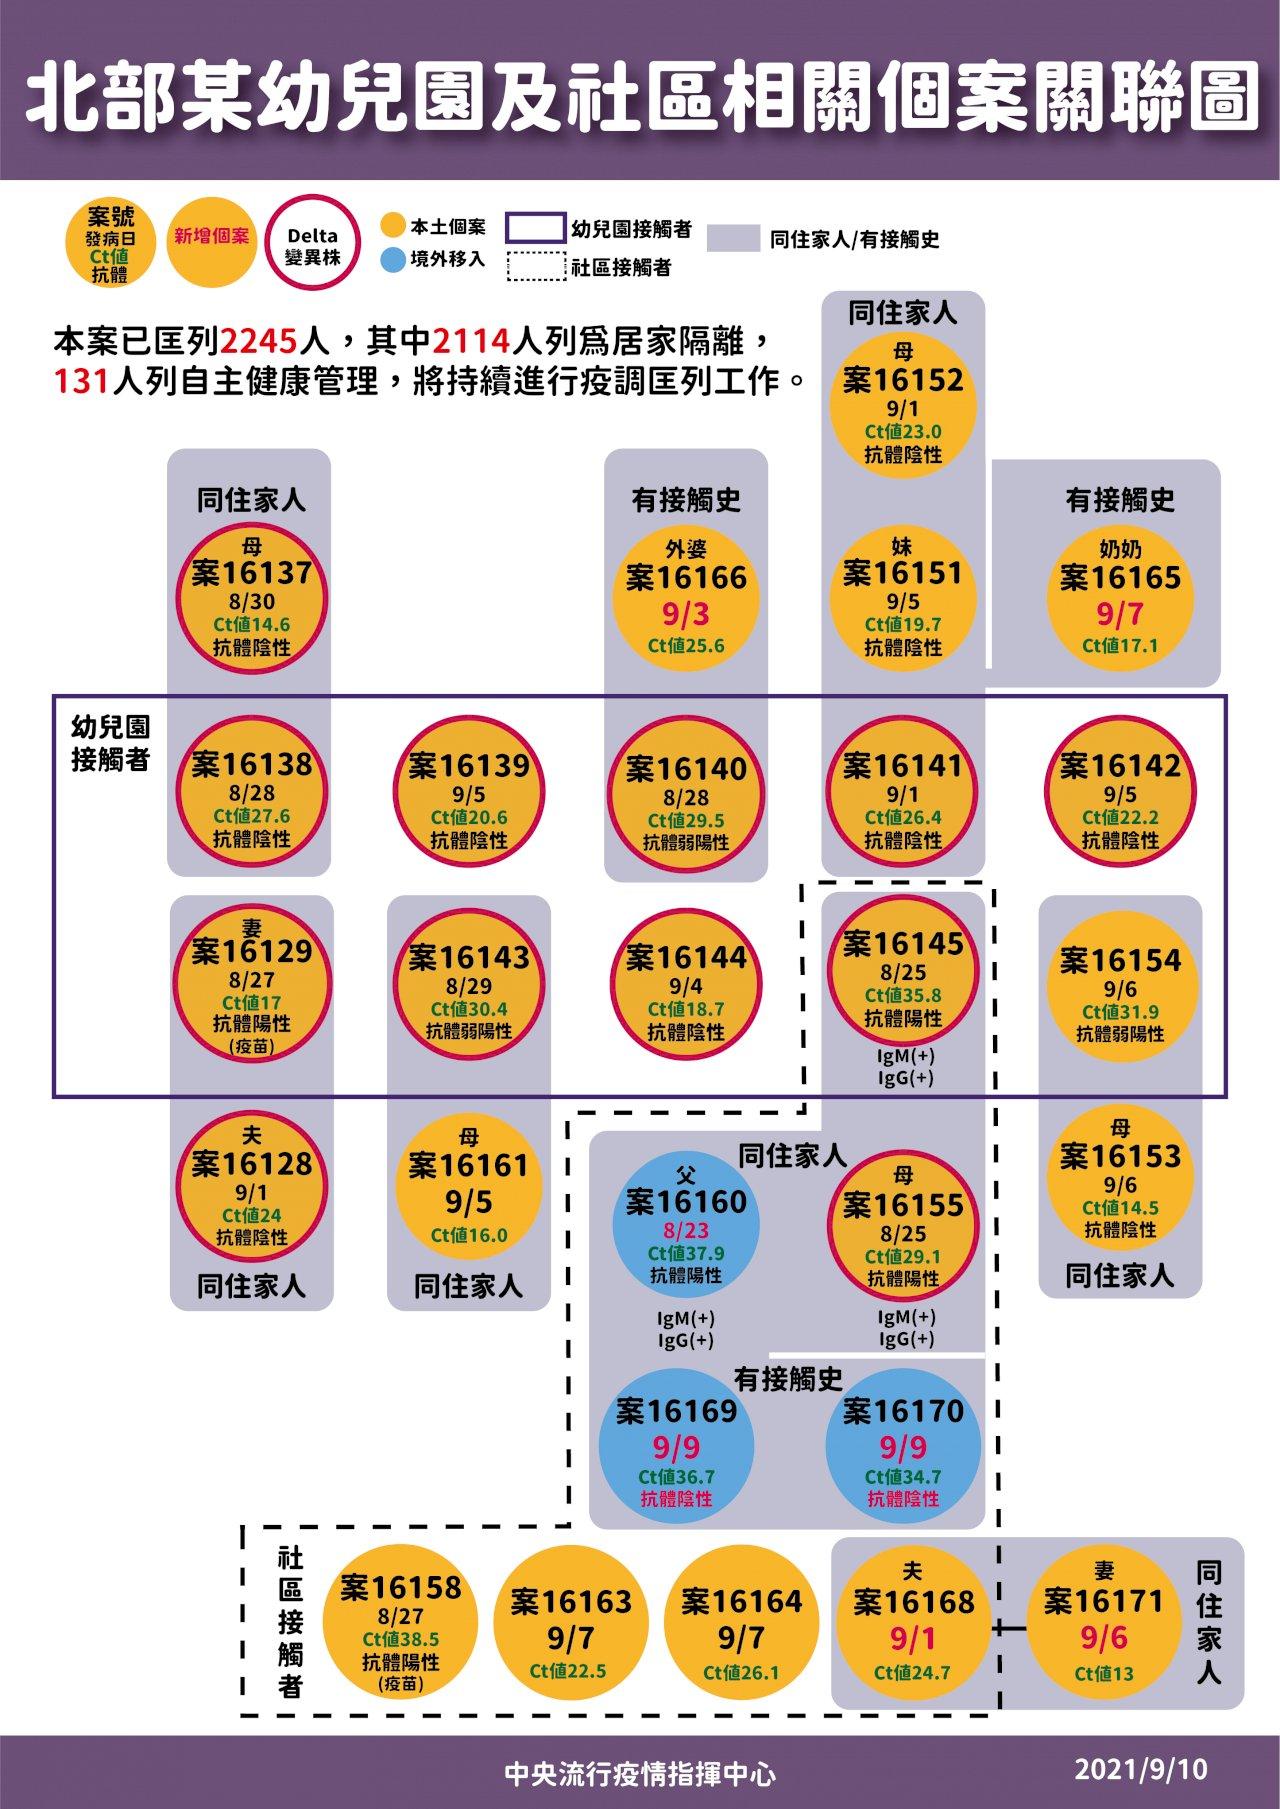 Delta再次攻破台灣防線 全國力圖控制疫情避免擴大